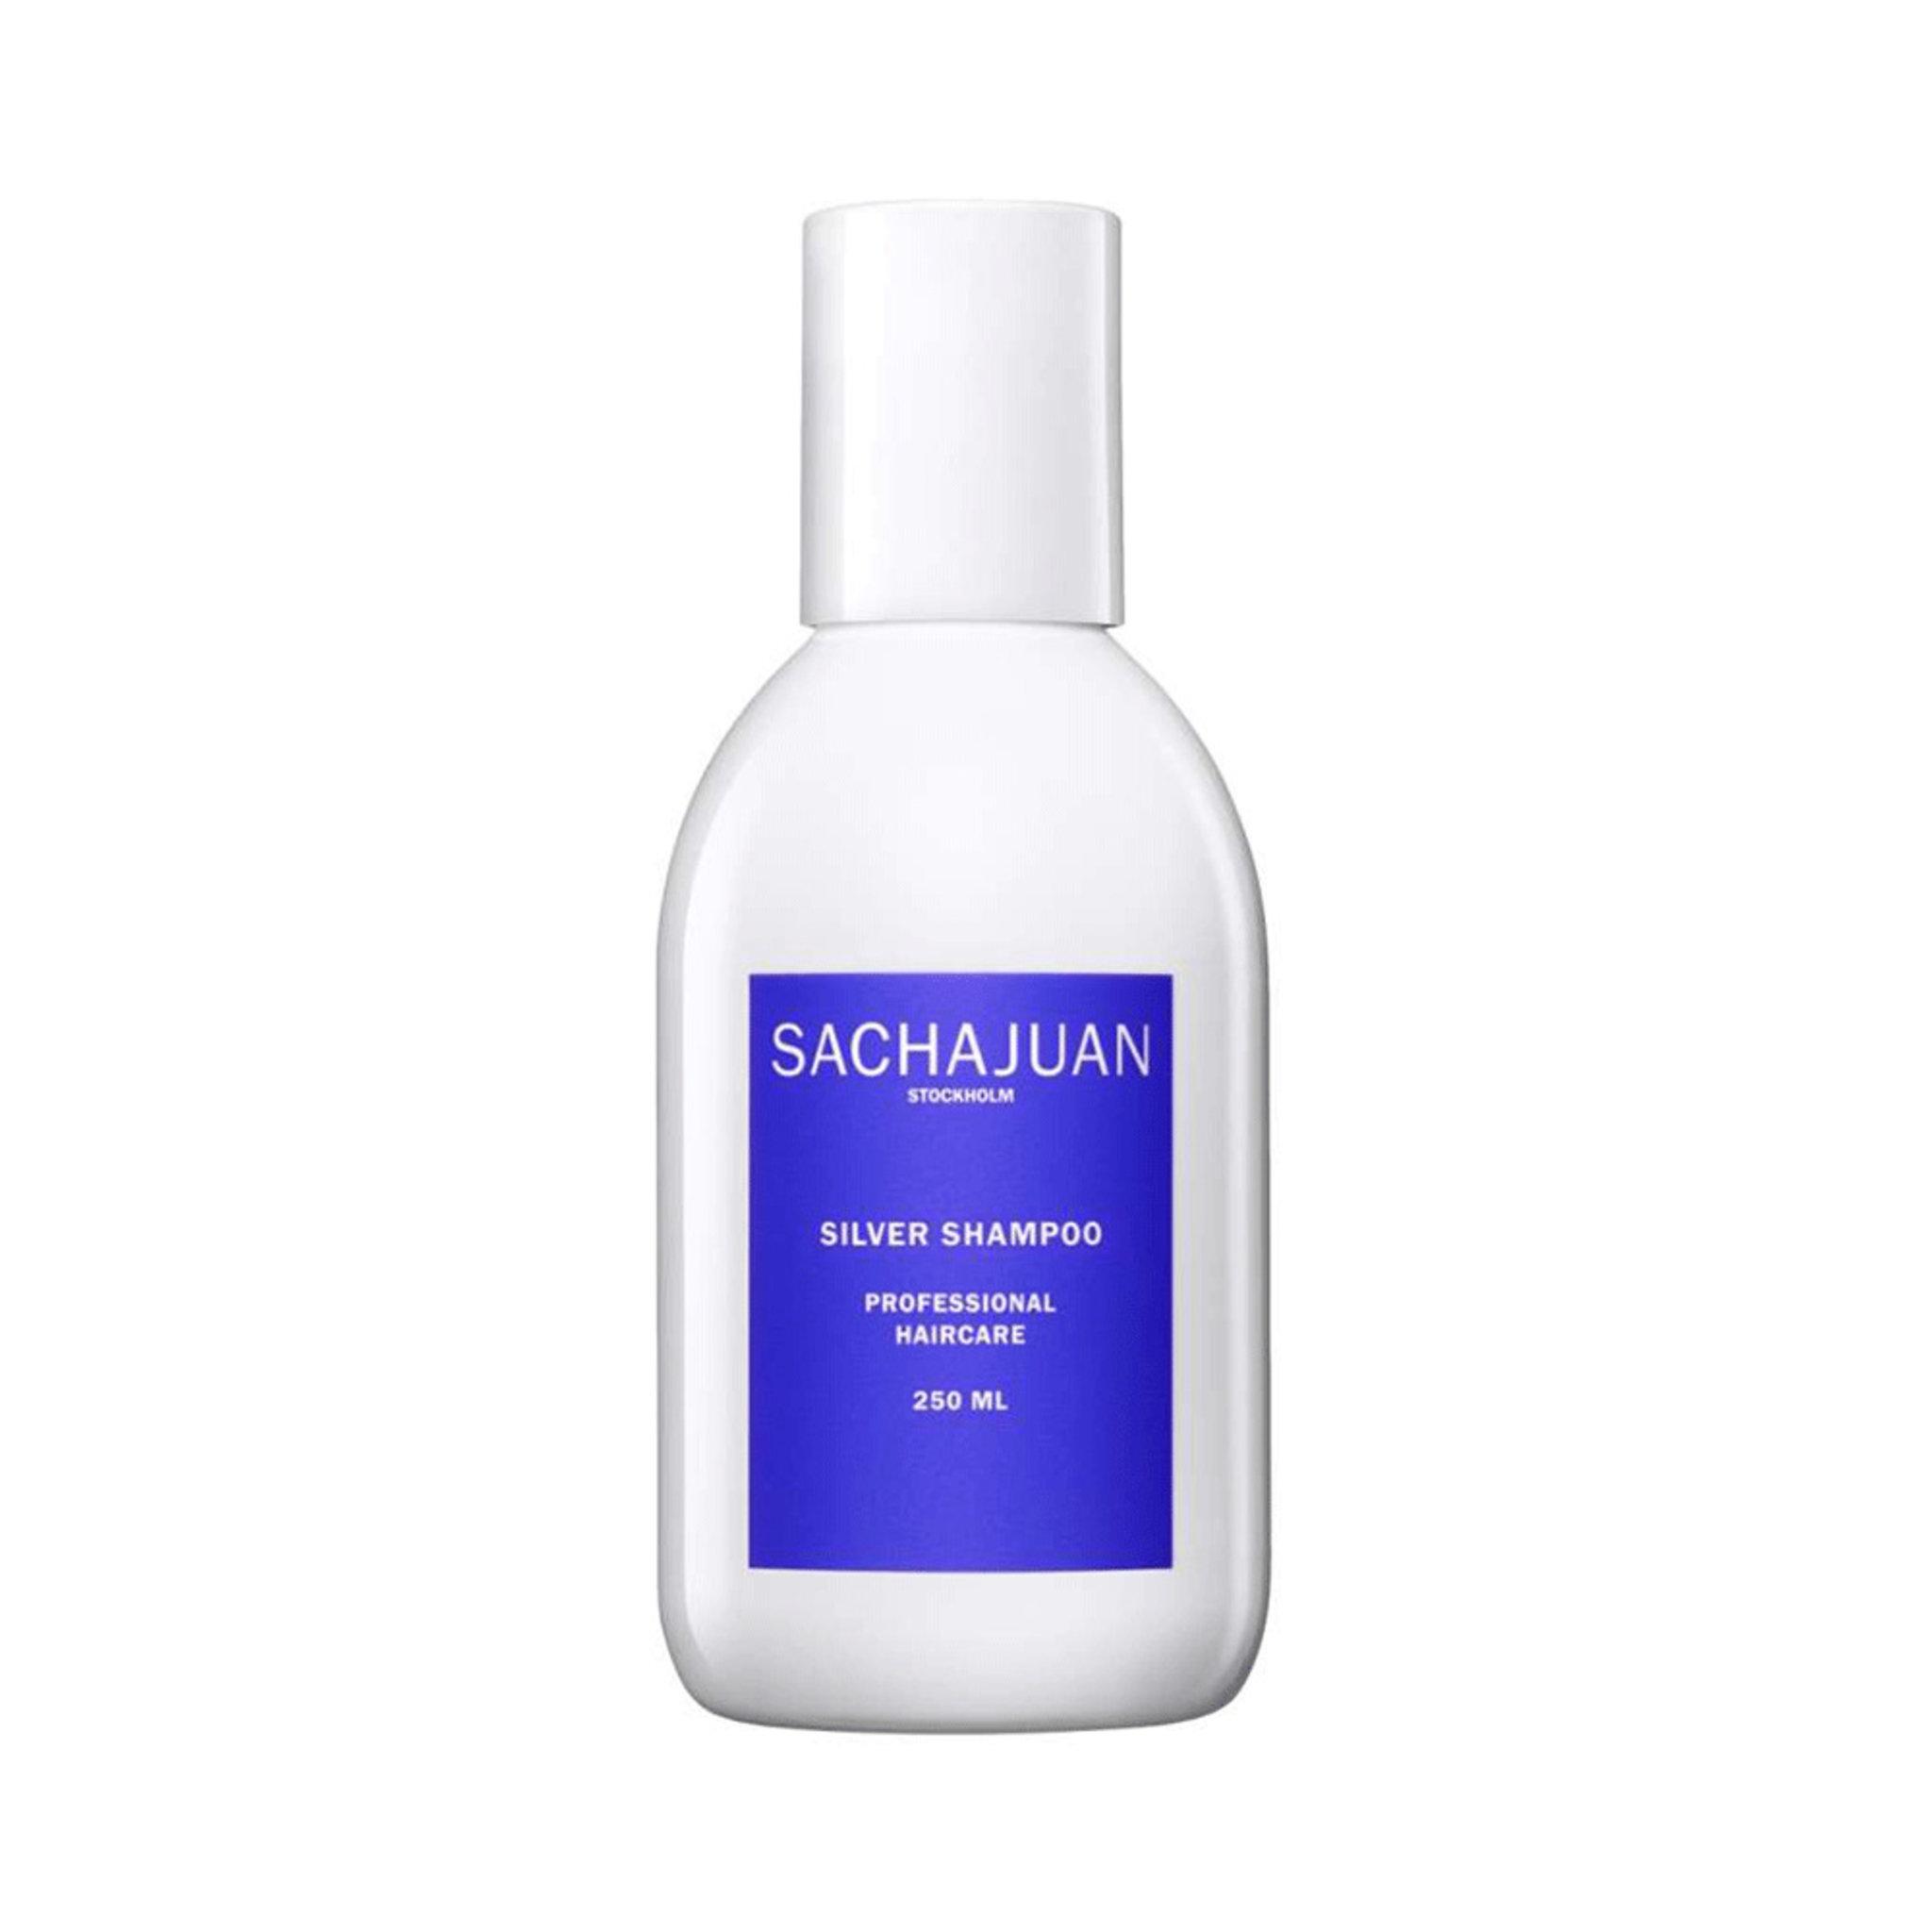 sachajuan silver shampoo användning